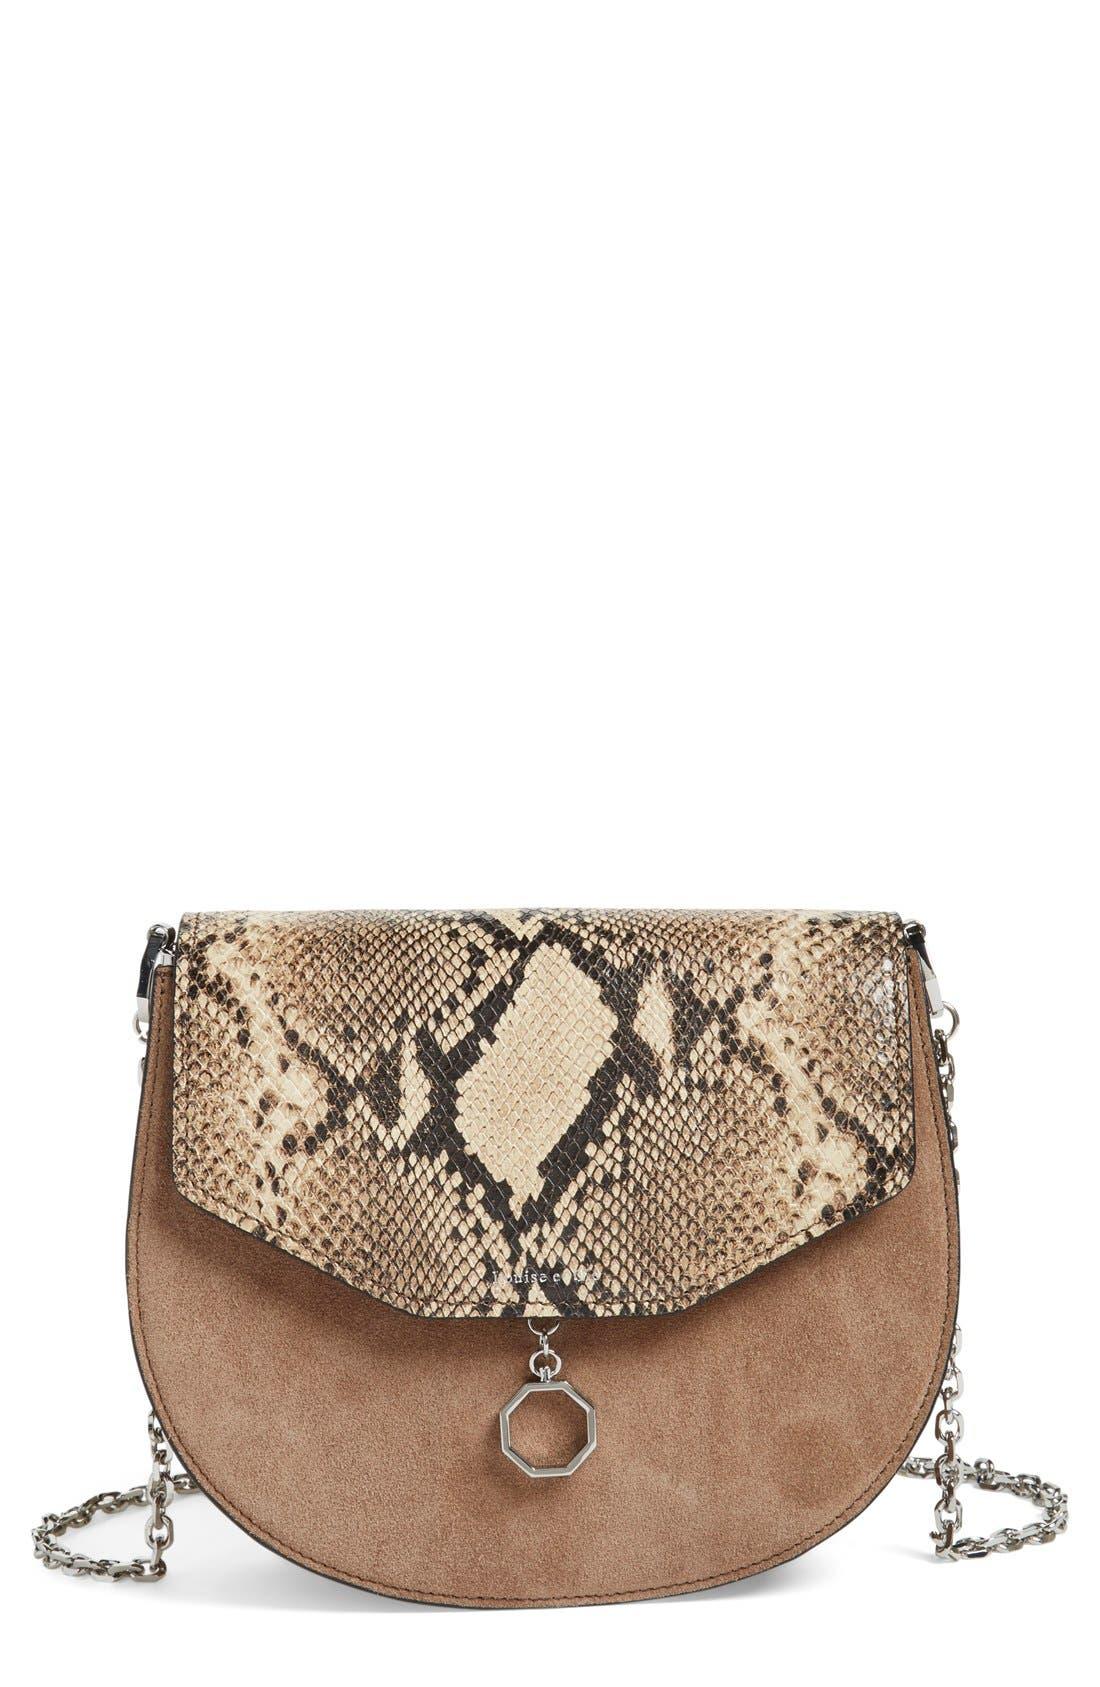 Main Image - Louise et Cie 'Jael' Suede & Leather Shoulder Bag